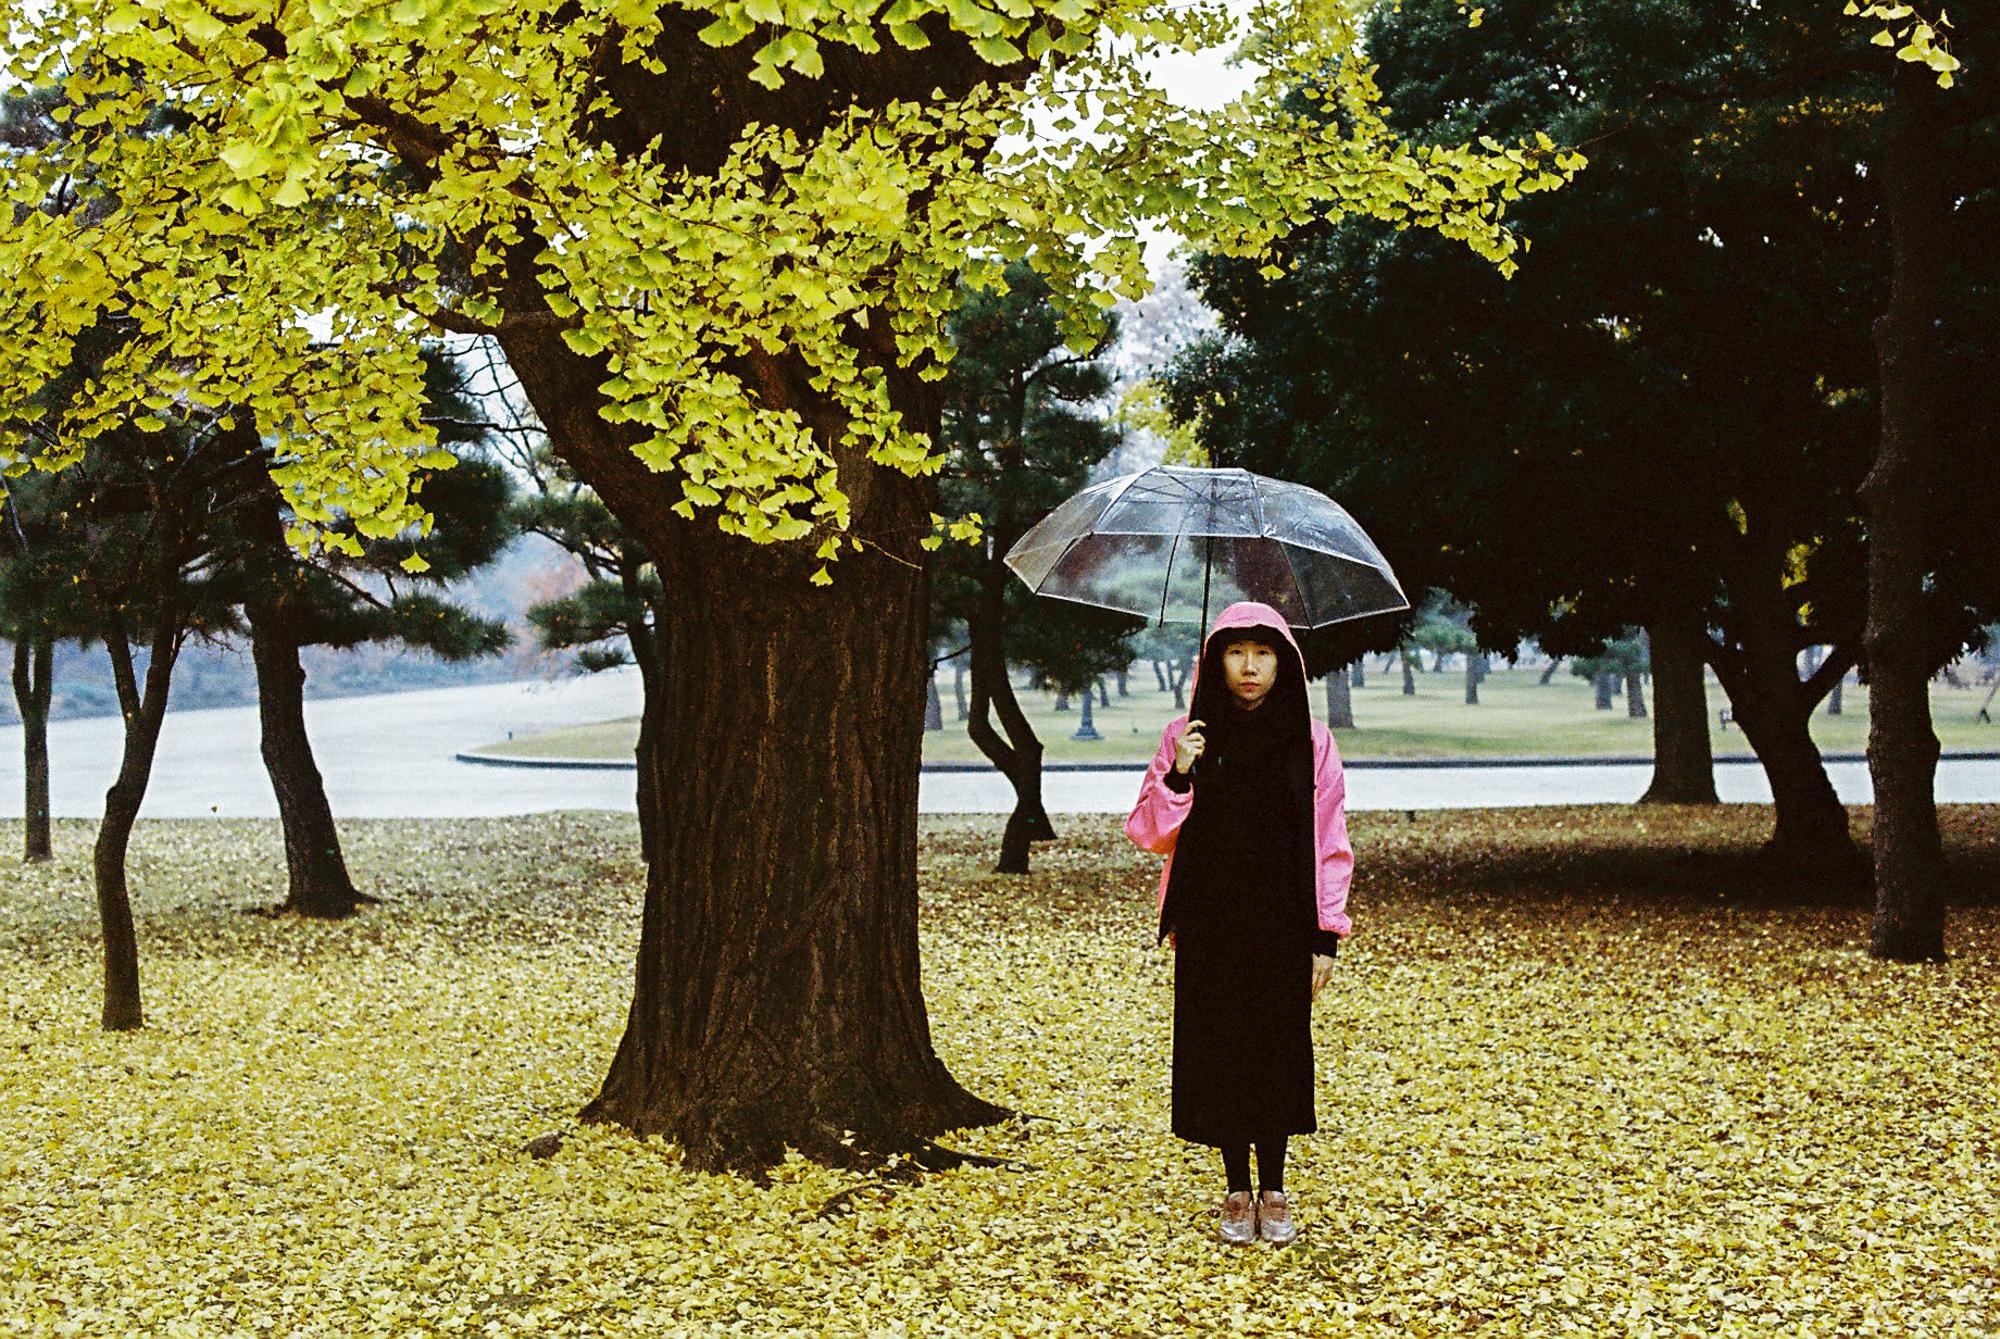 © Gray Kotze - Winter/Autumn Series